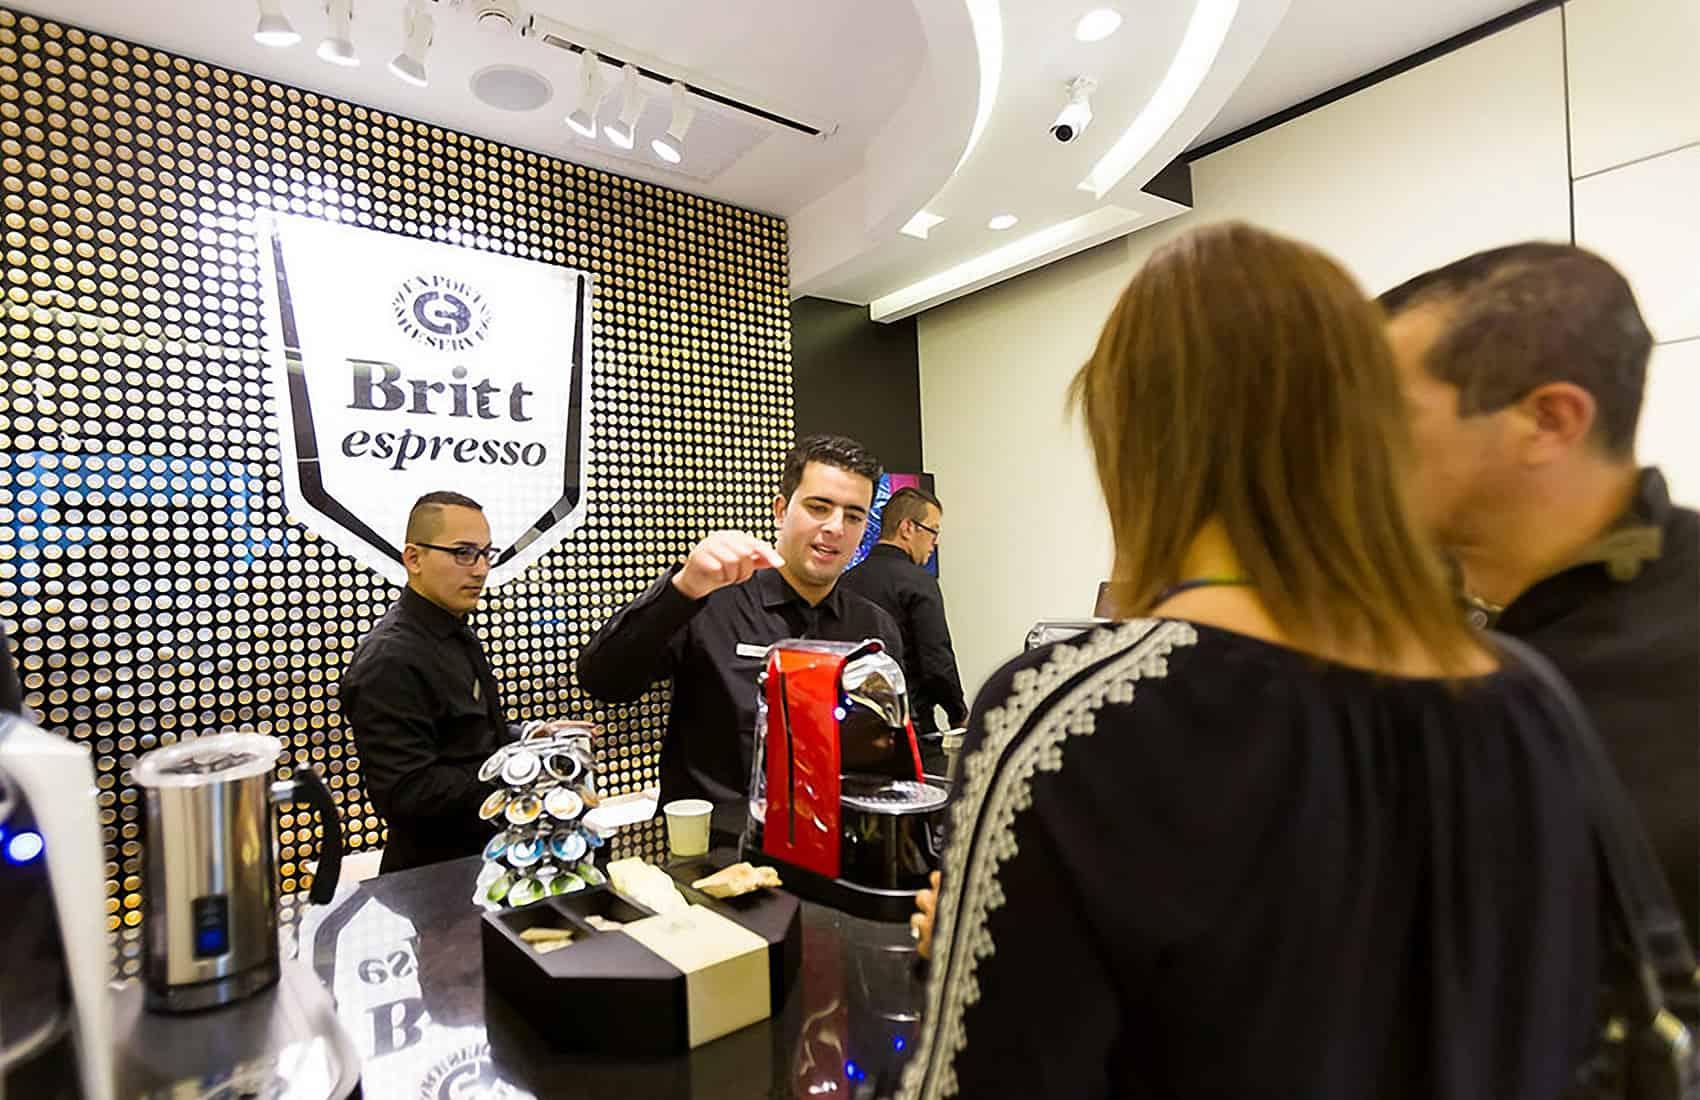 Britt espresso shop at Multiplaza Escazú